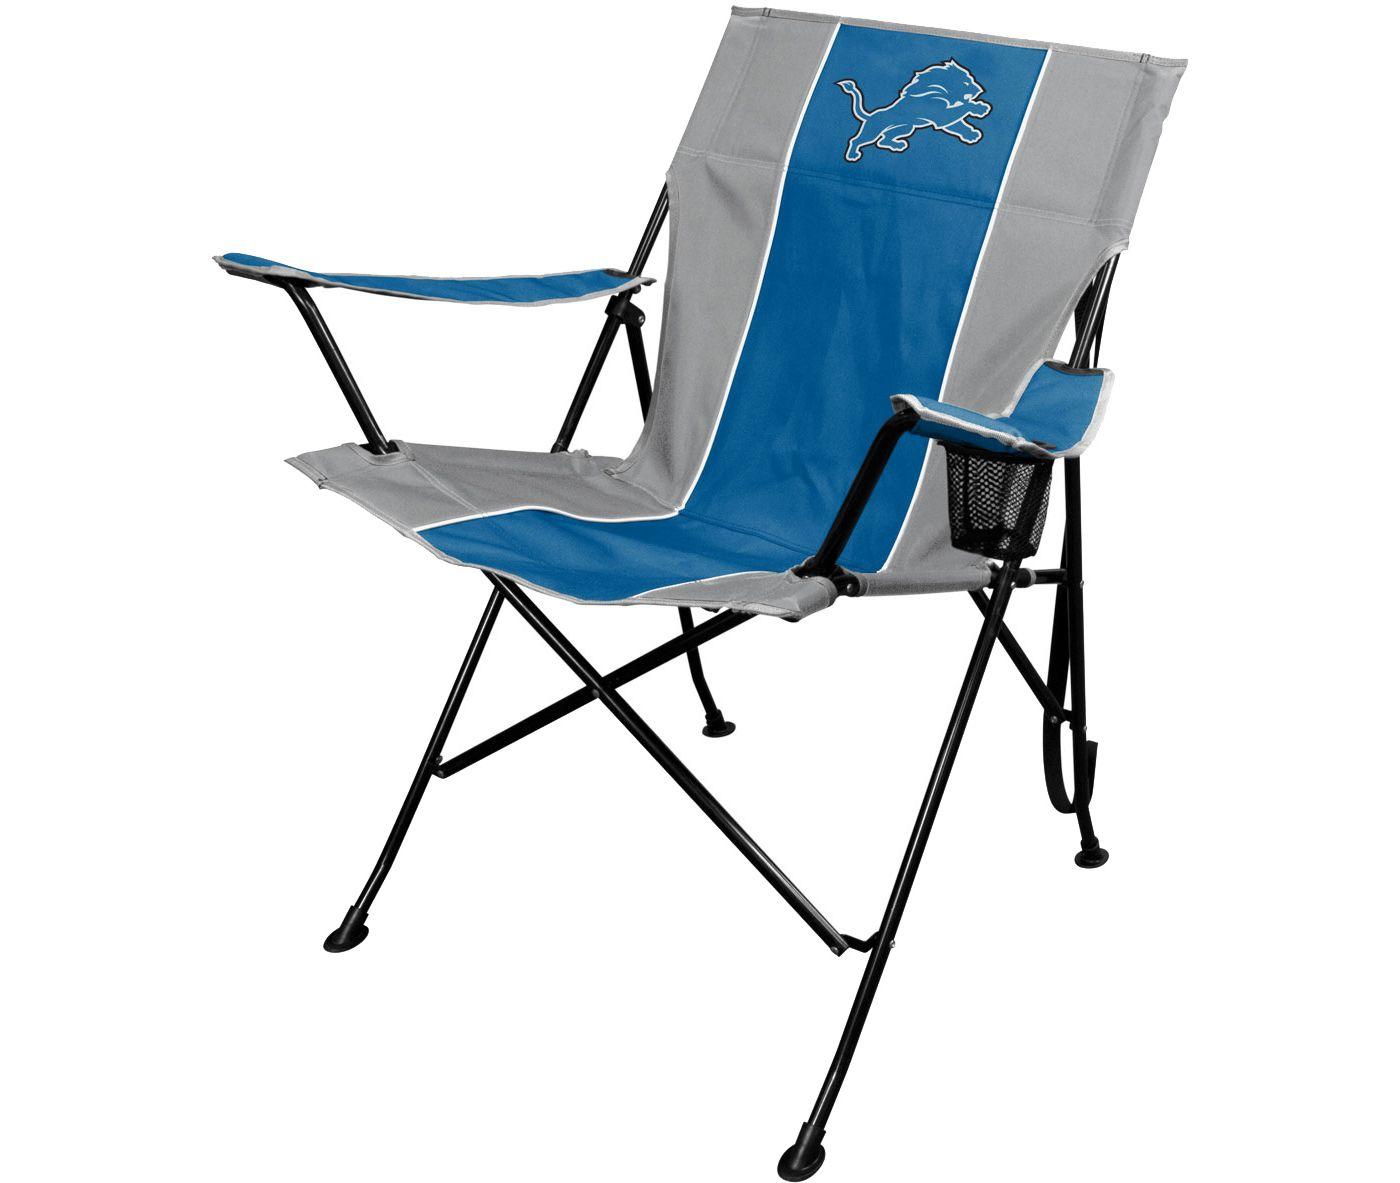 Rawlings Detroit Lions TLG8 Chair